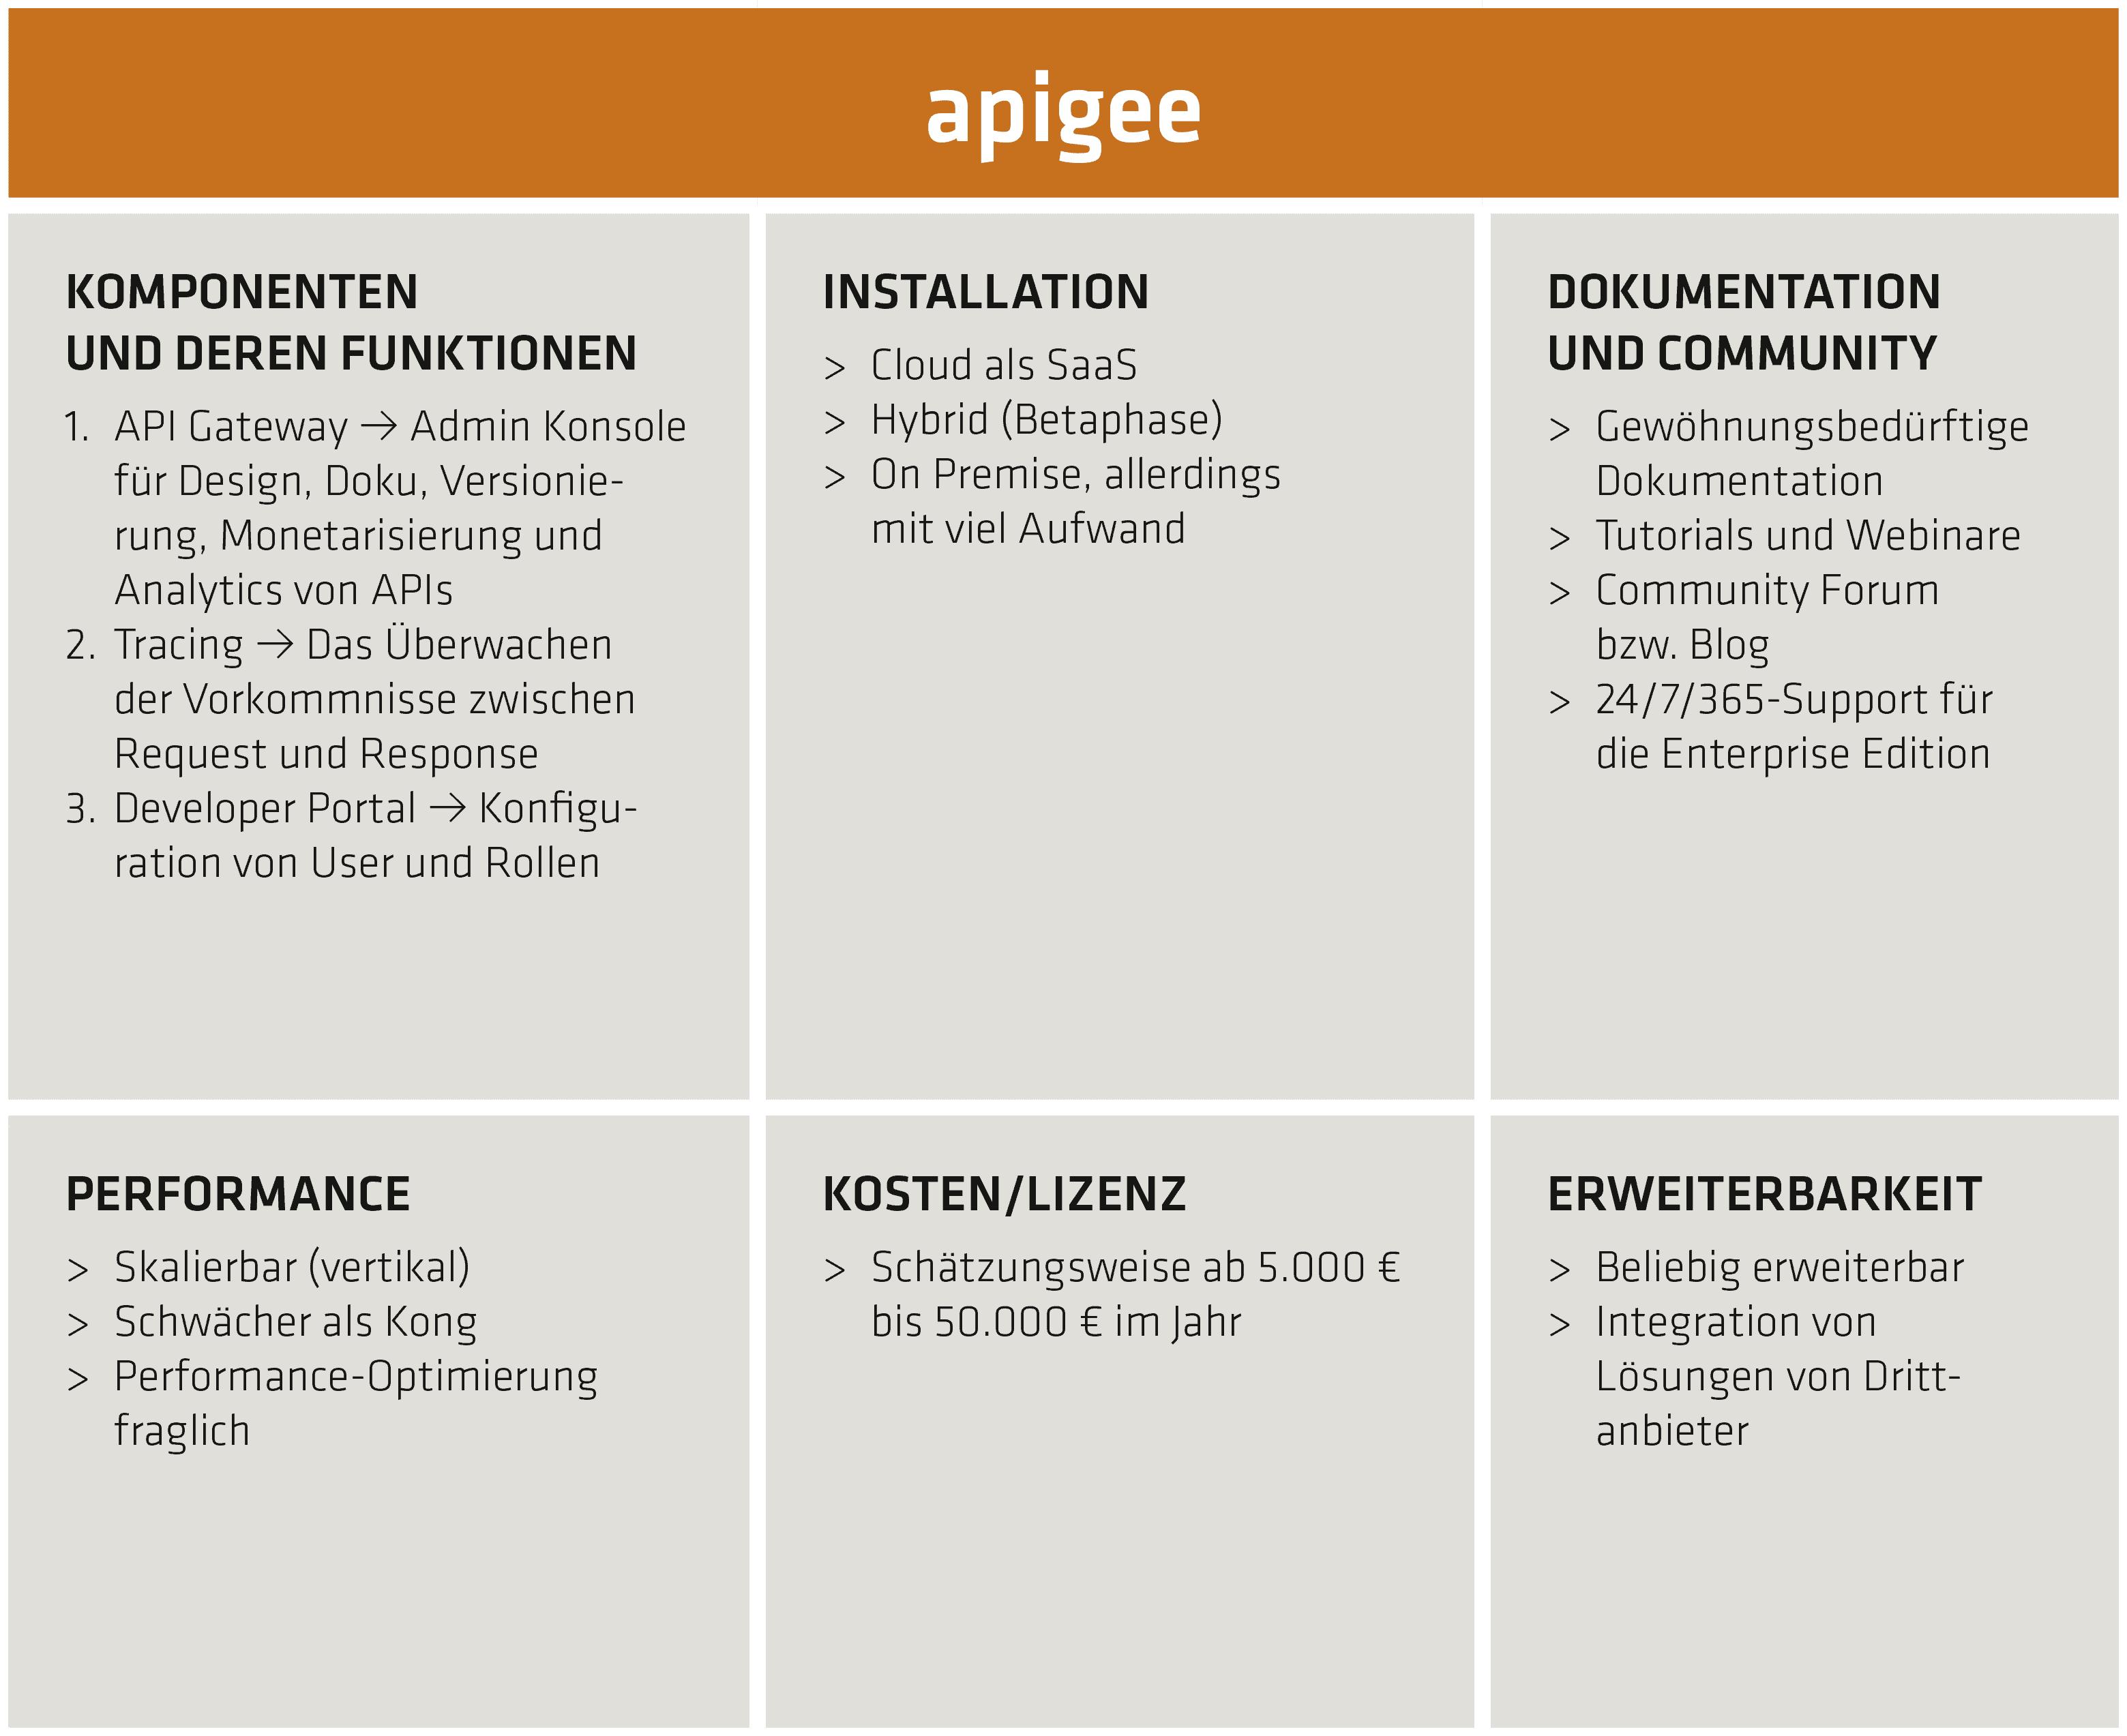 apigee-Bewertungs- und Funktionsmatrix